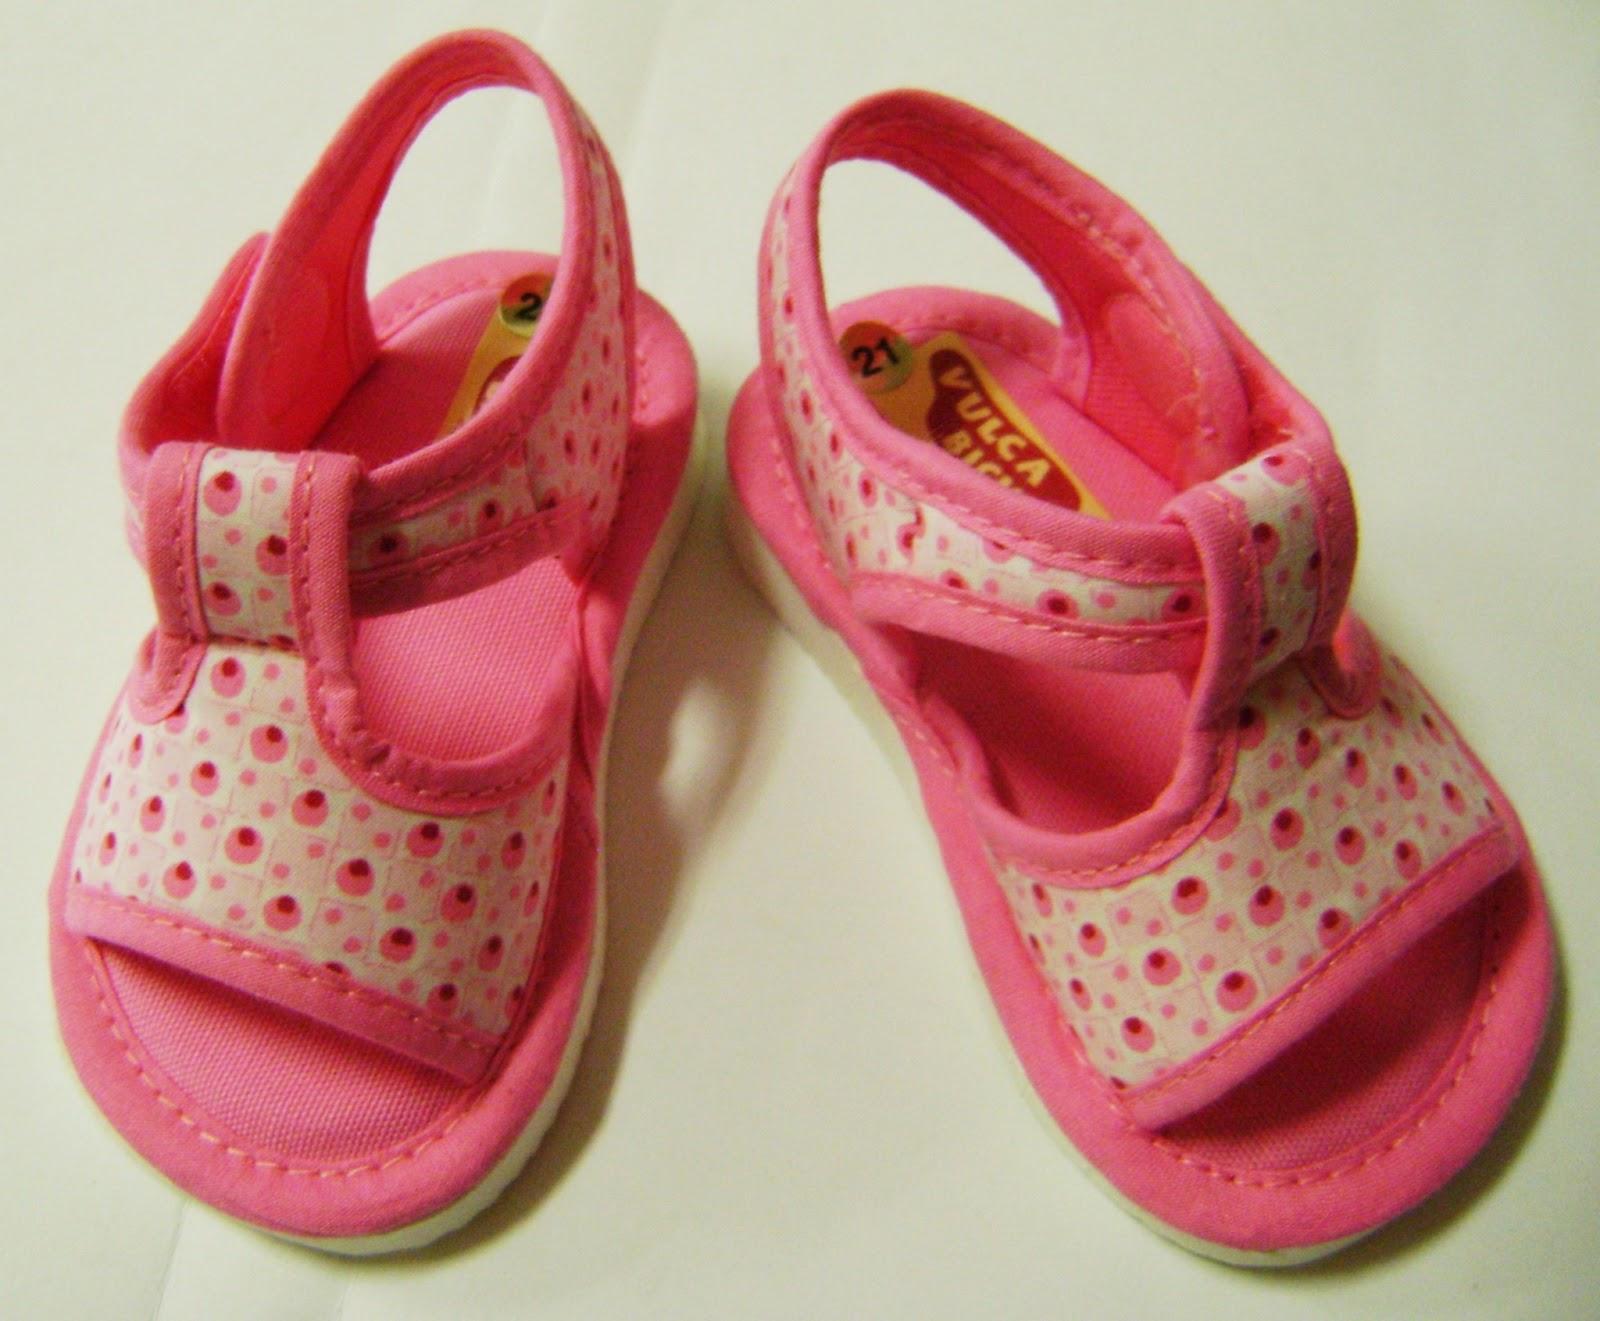 Zapatillas Verano De Bebe Casa zapatillas nOkN80wPX